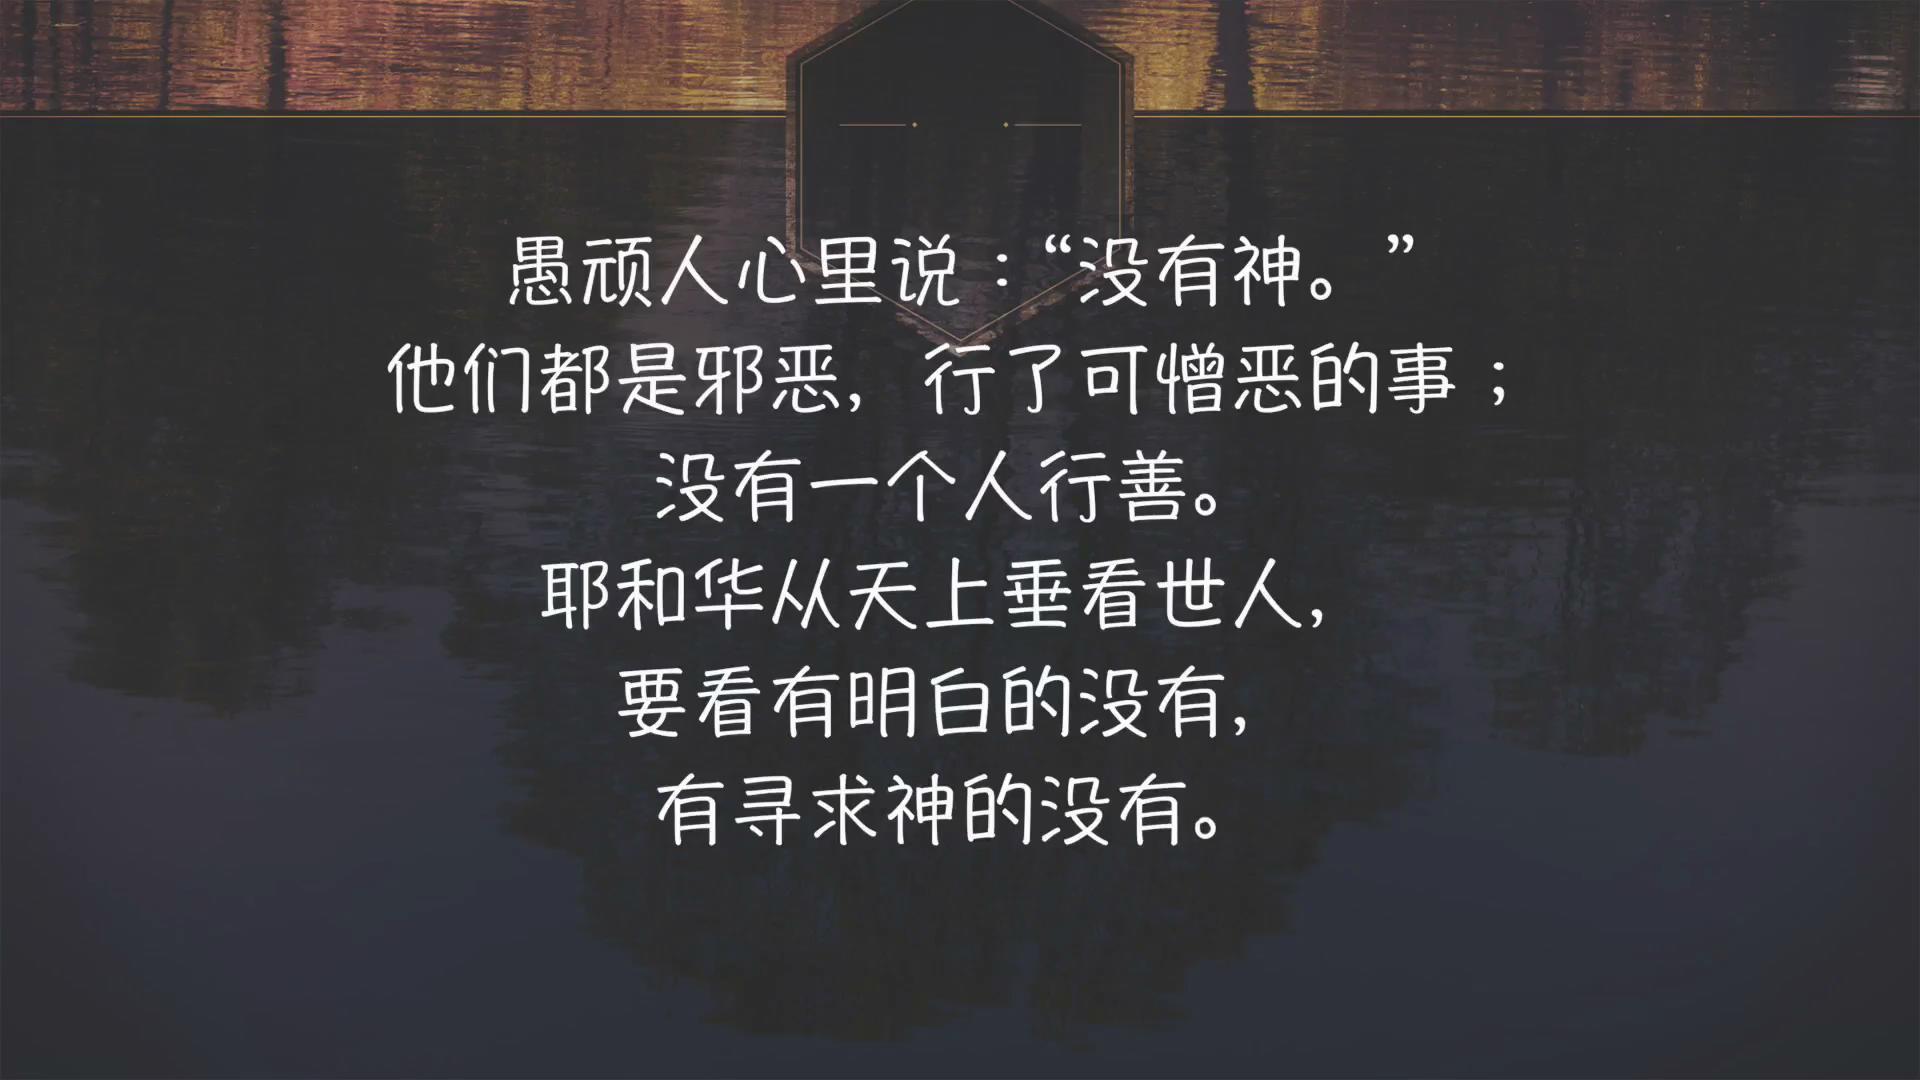 圣经三分钟 诗篇14_20180715103012.JPG